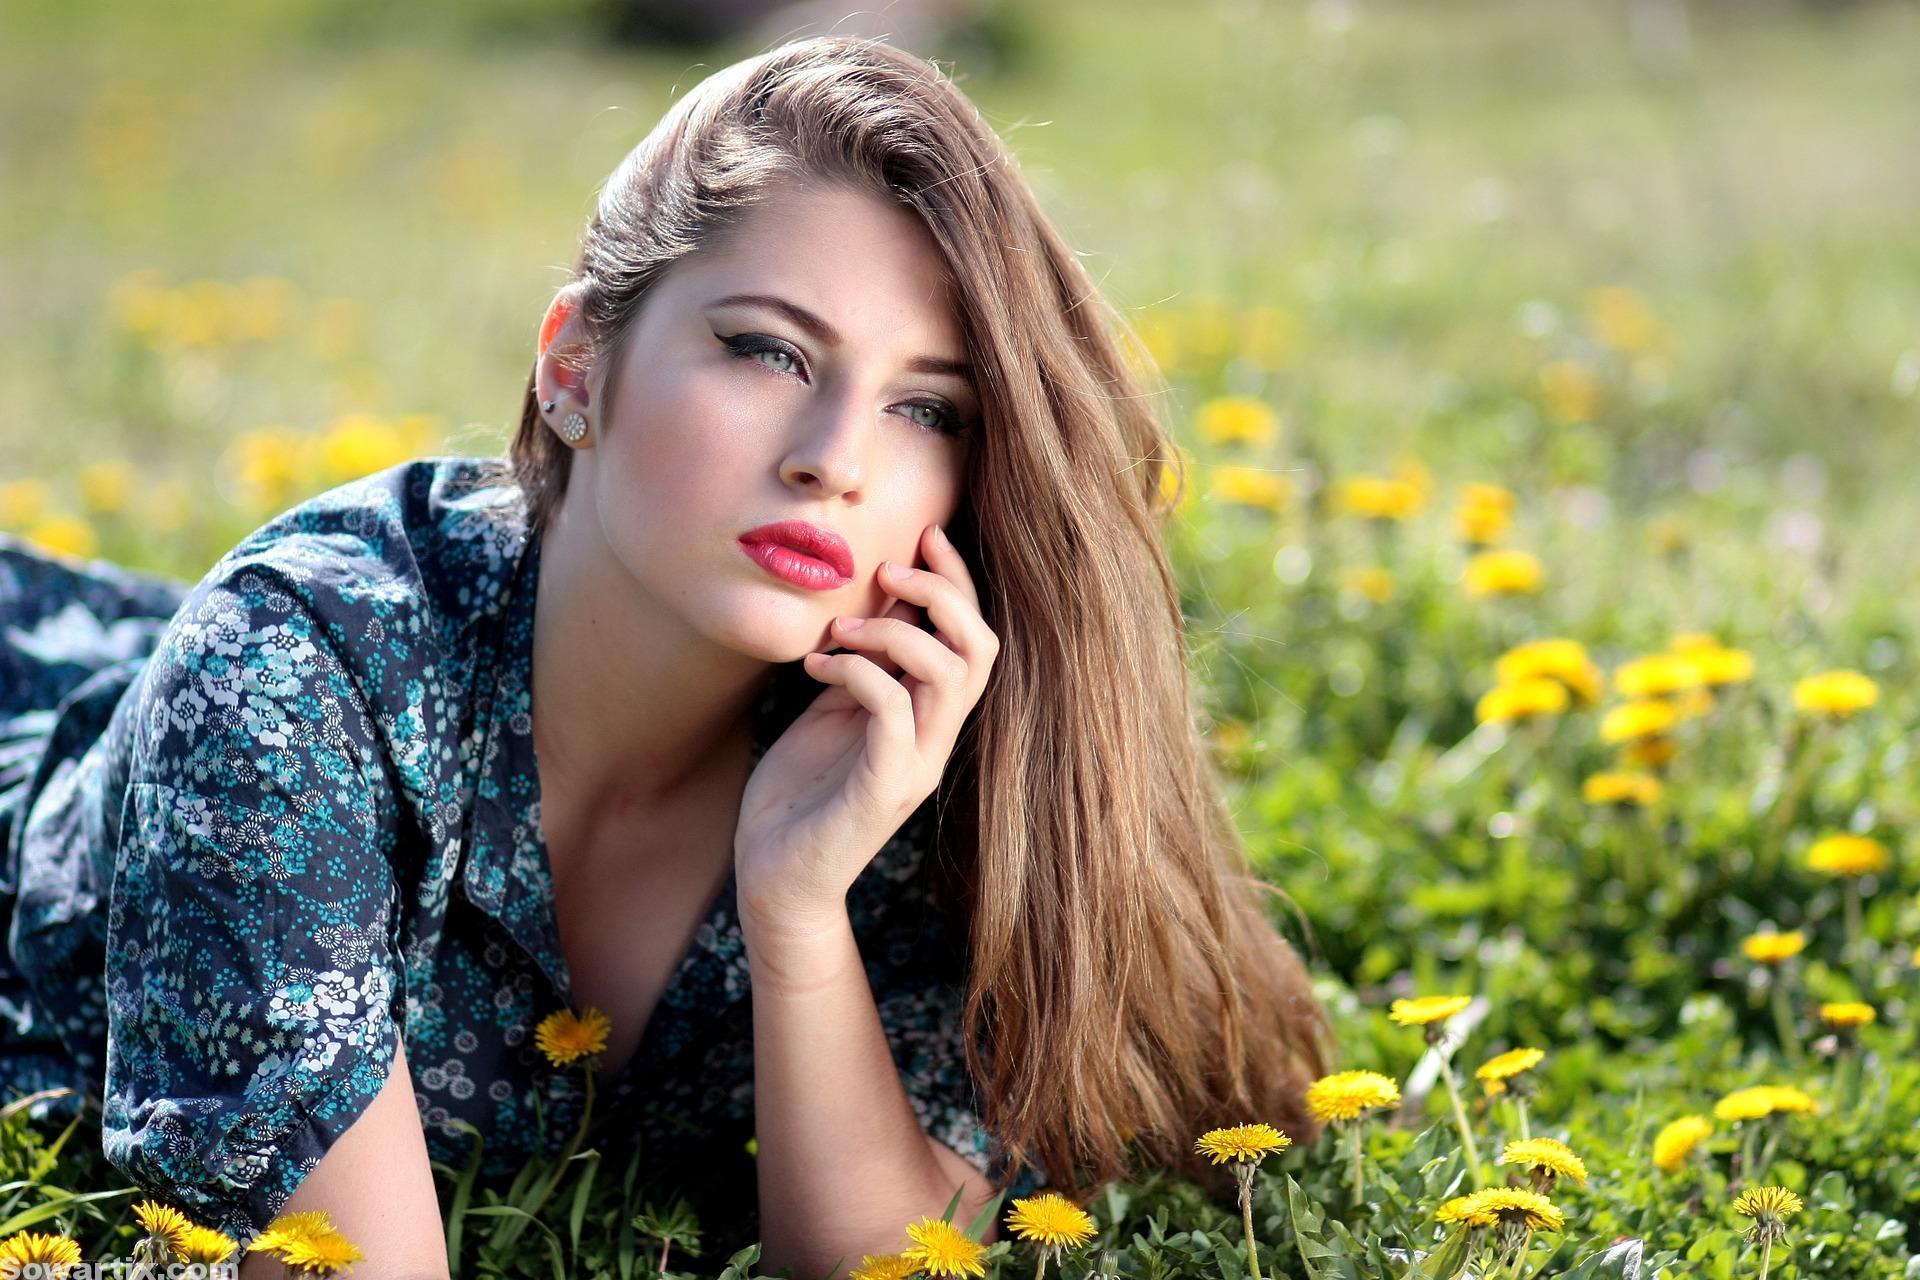 صور بنات حلوة 2020 اجمل بنات عسولات صور بنات كيوت جميلة 17